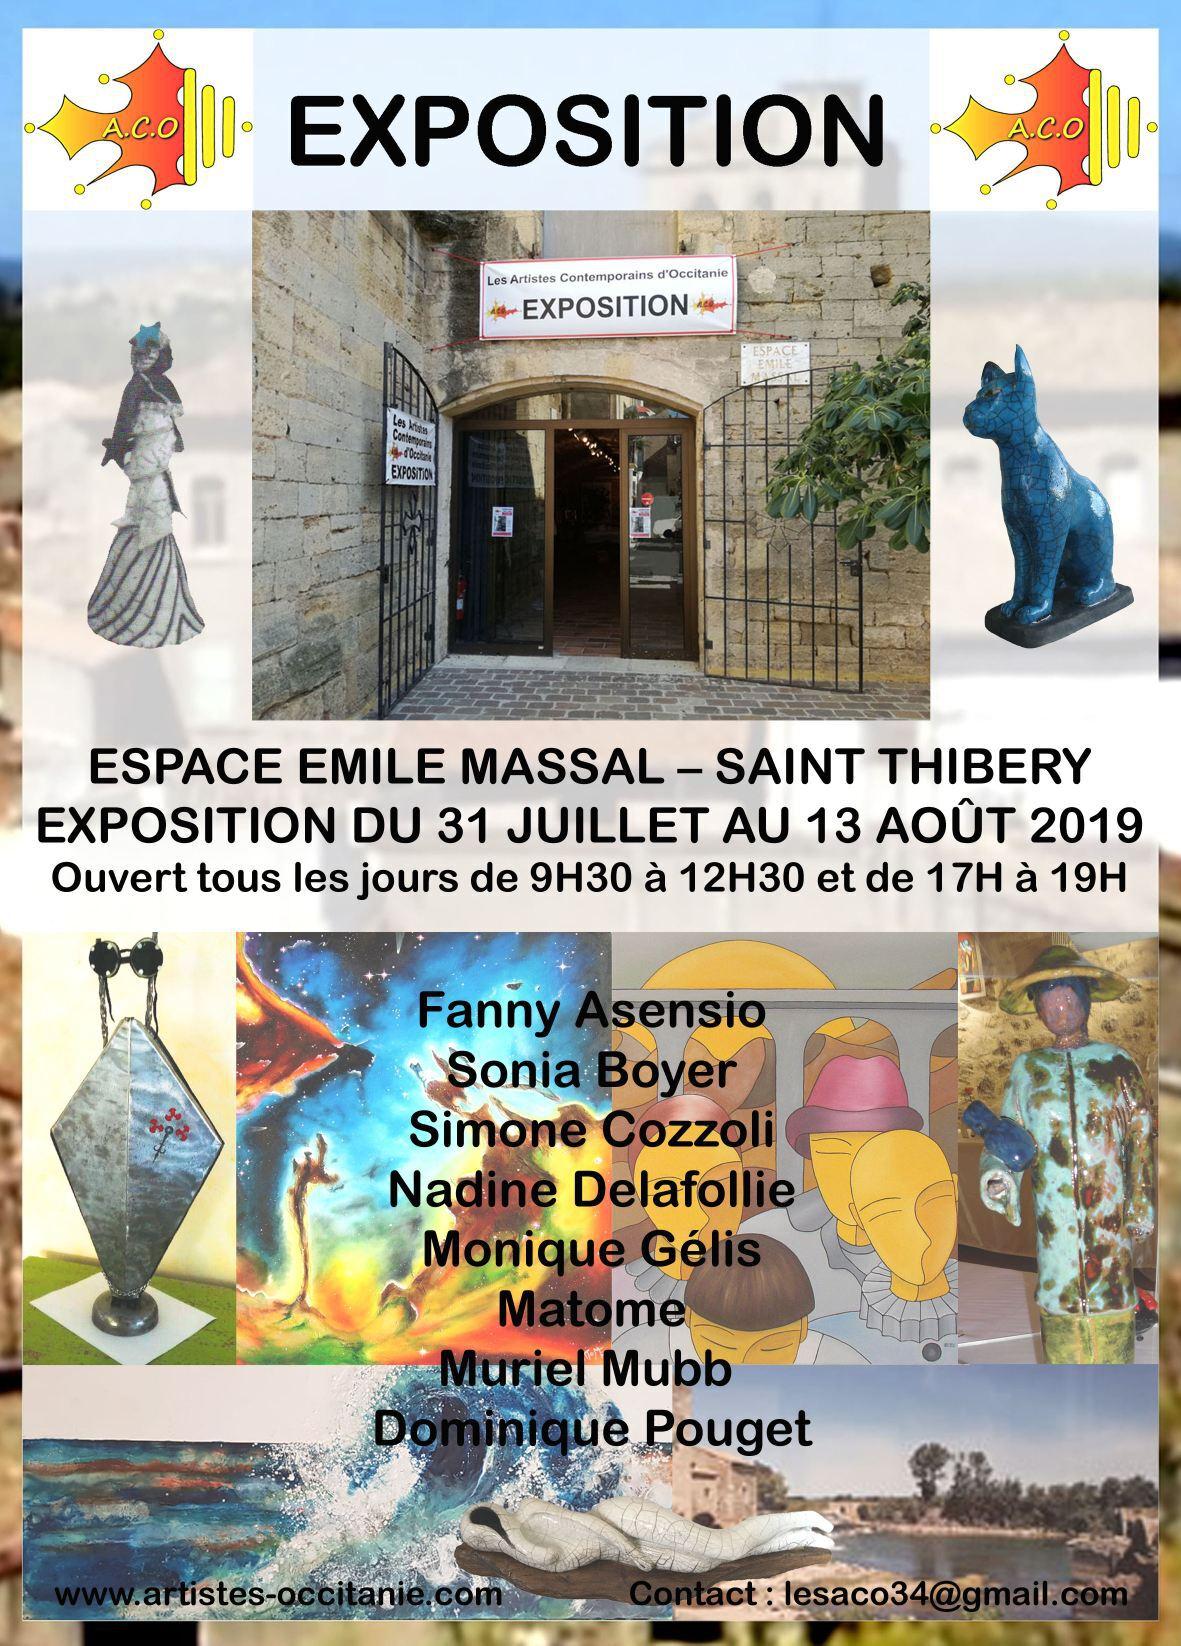 Exposition 4 à l'espace Emile Massal à st Thibéry.